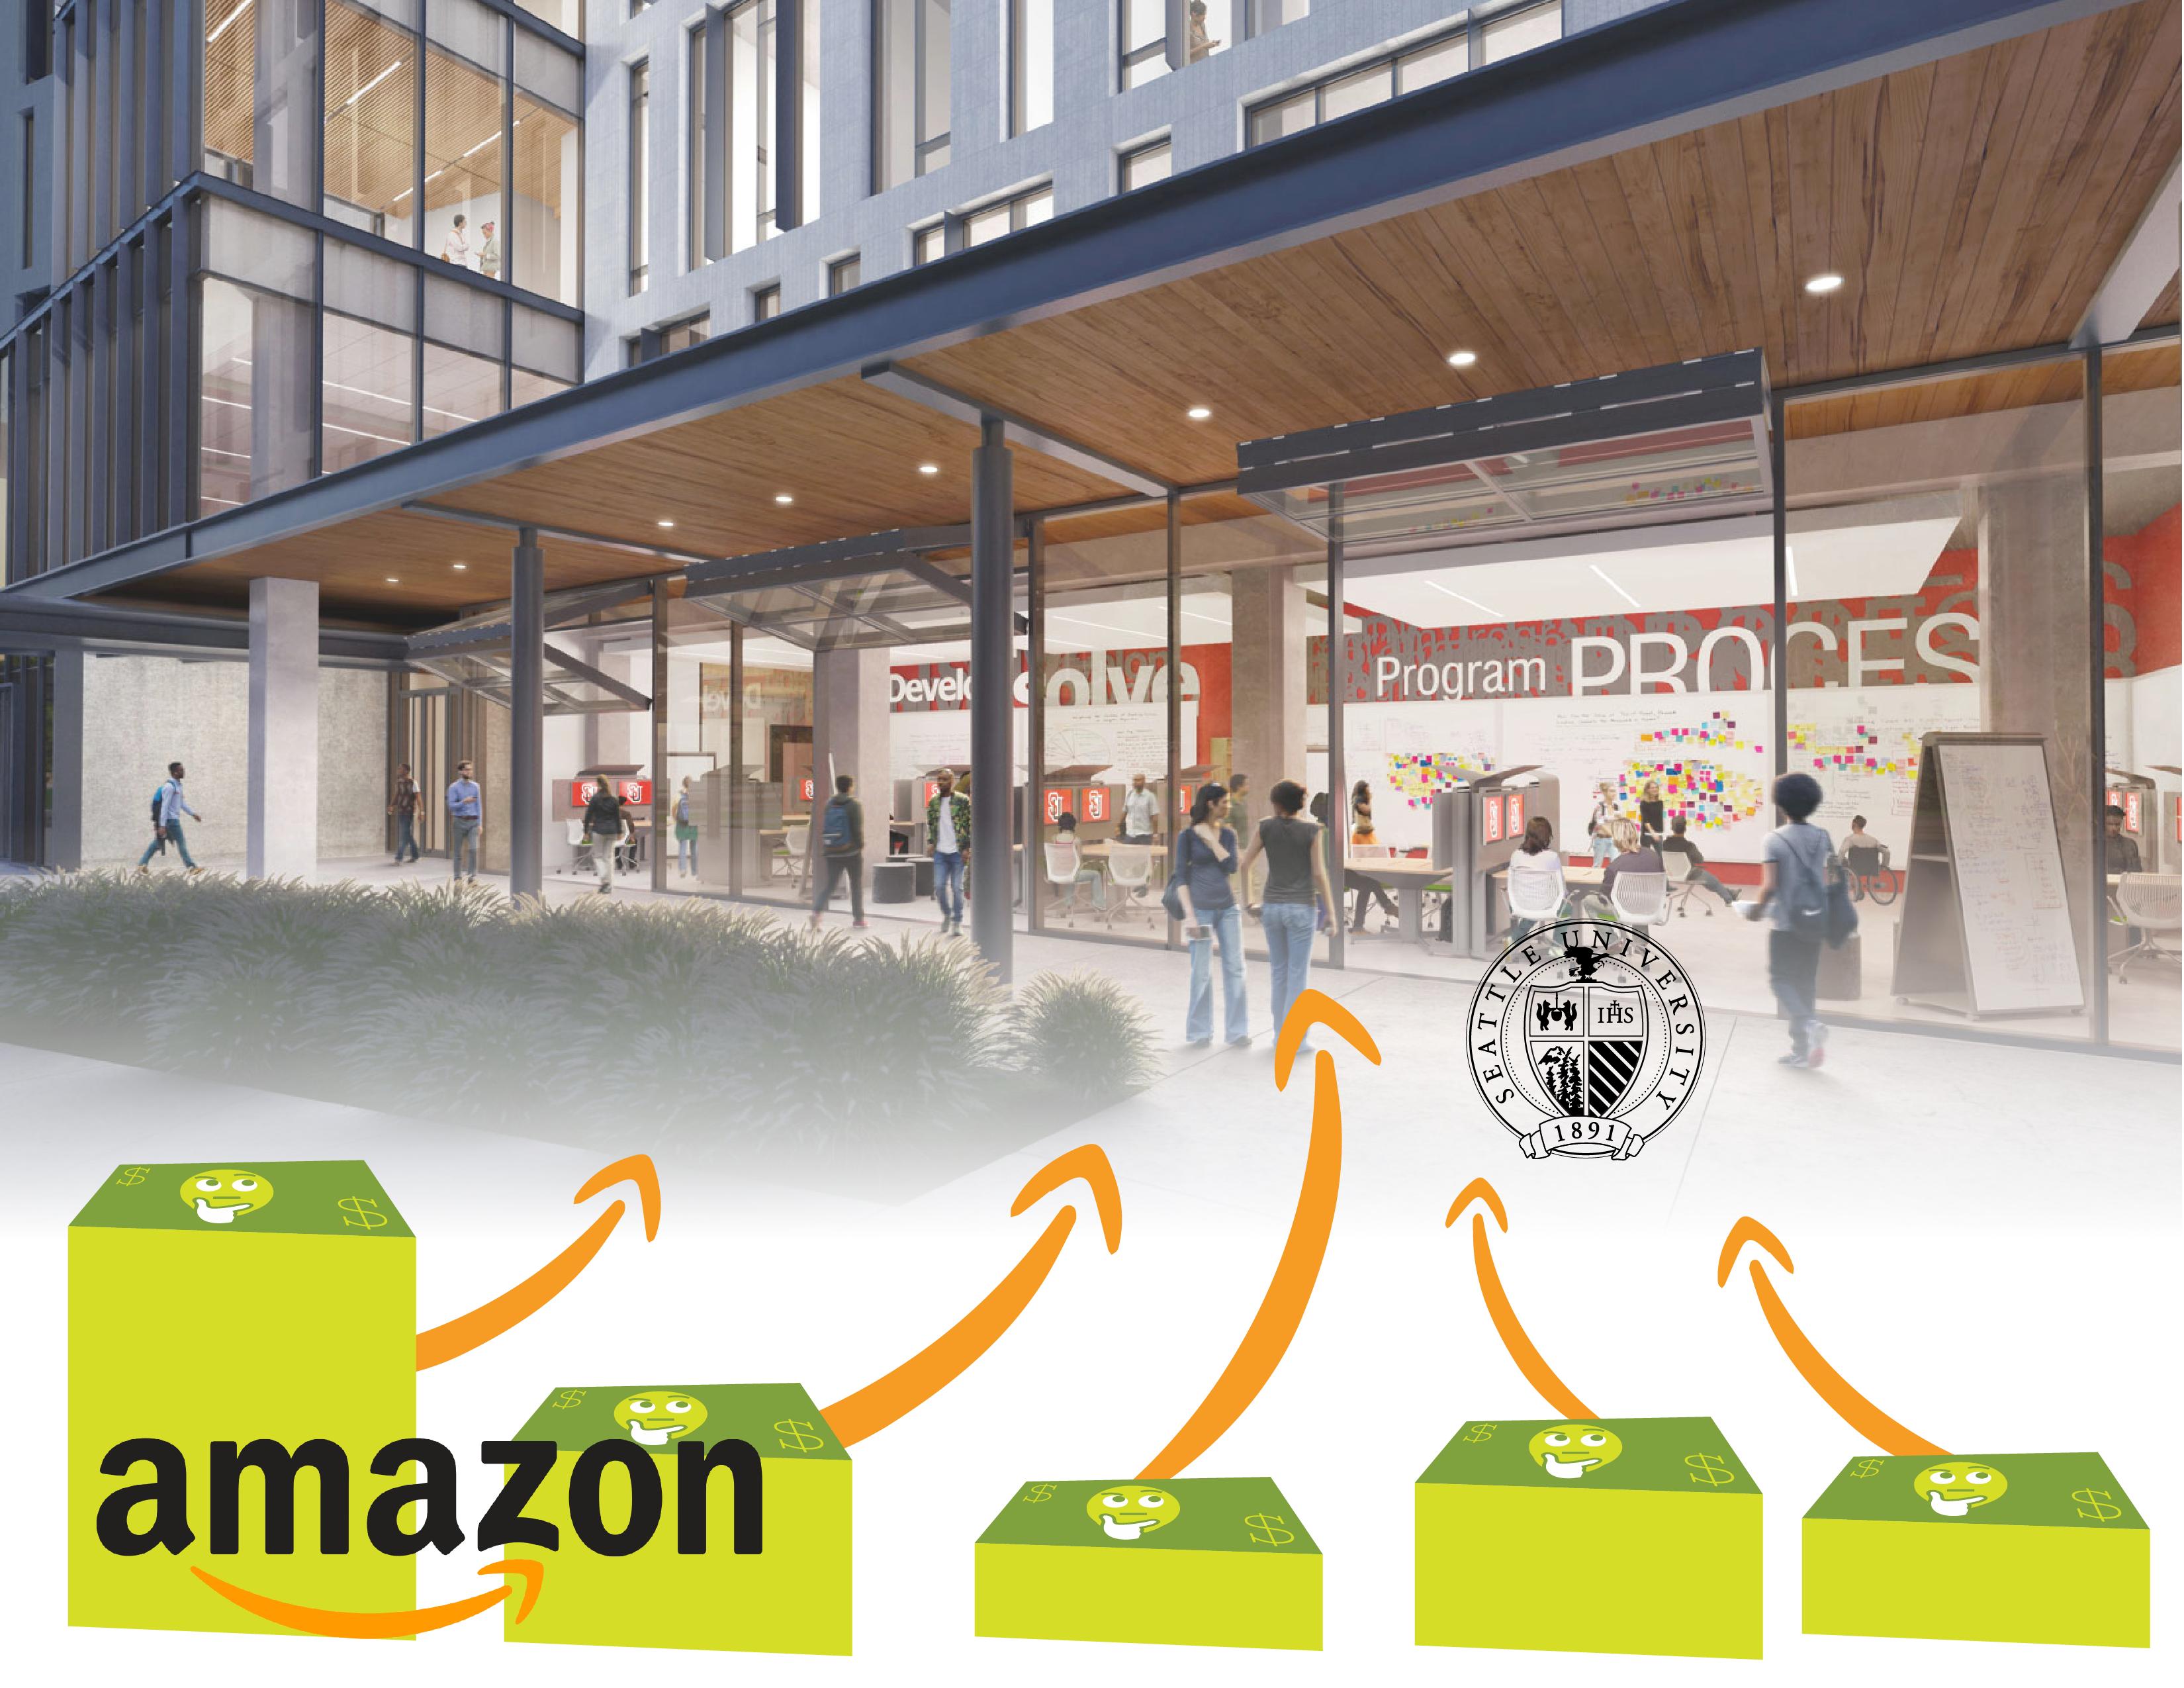 Amazon Donates $3 Million to New CSI Building